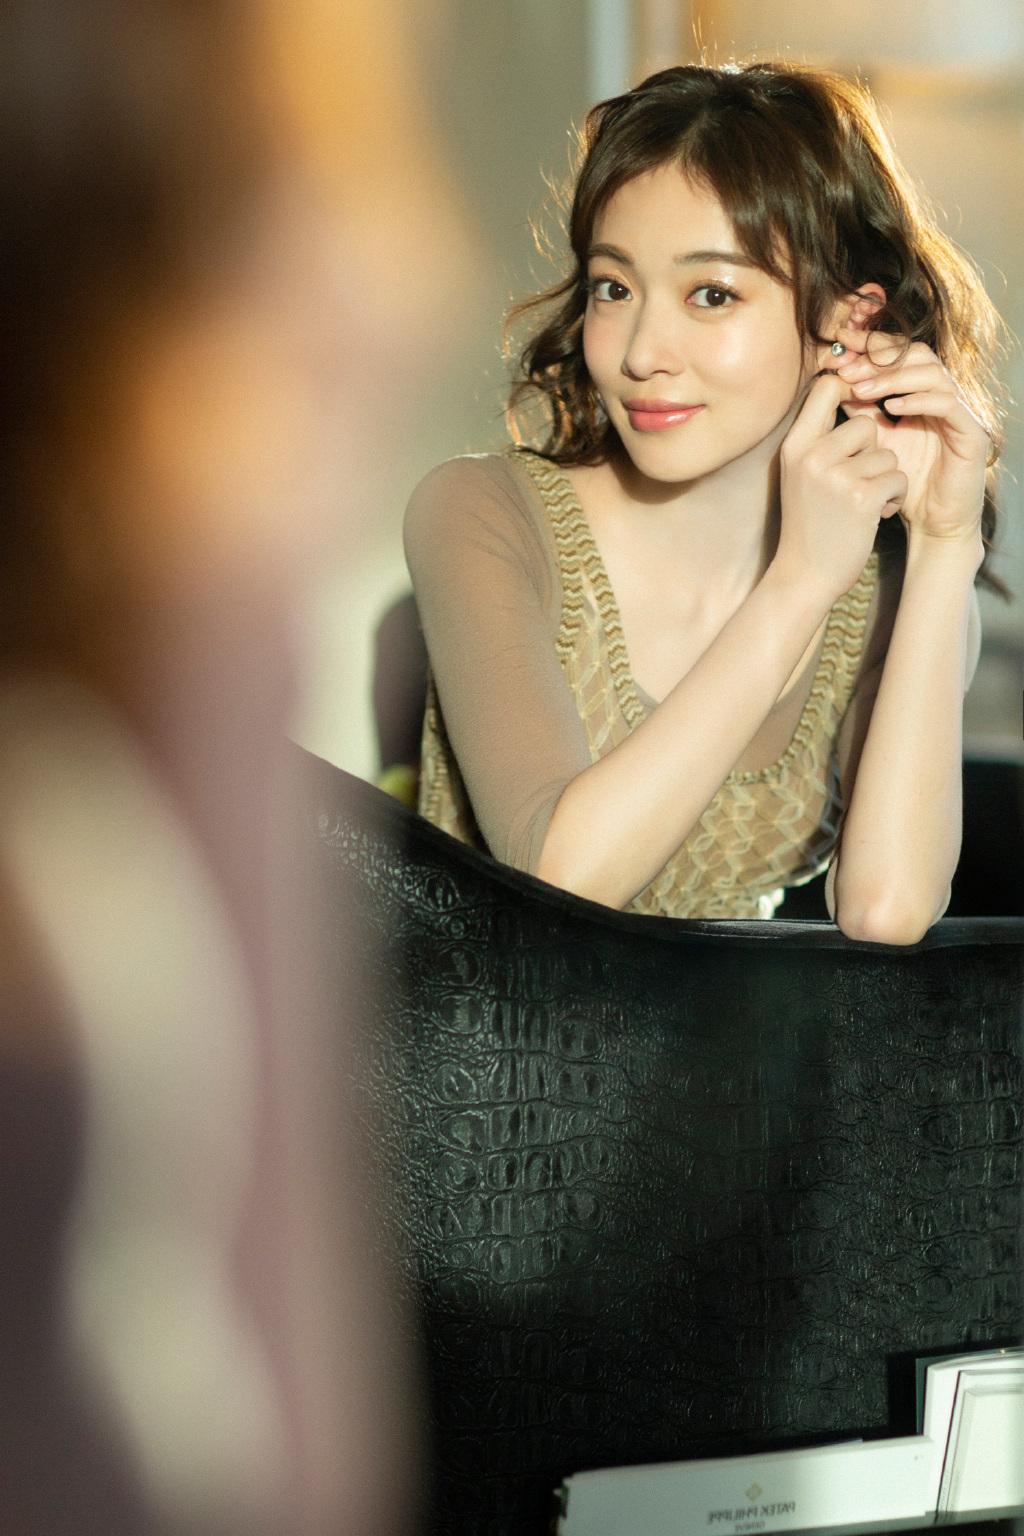 女演员吴谨言复古摩登性感写真 娱乐头条 第7张